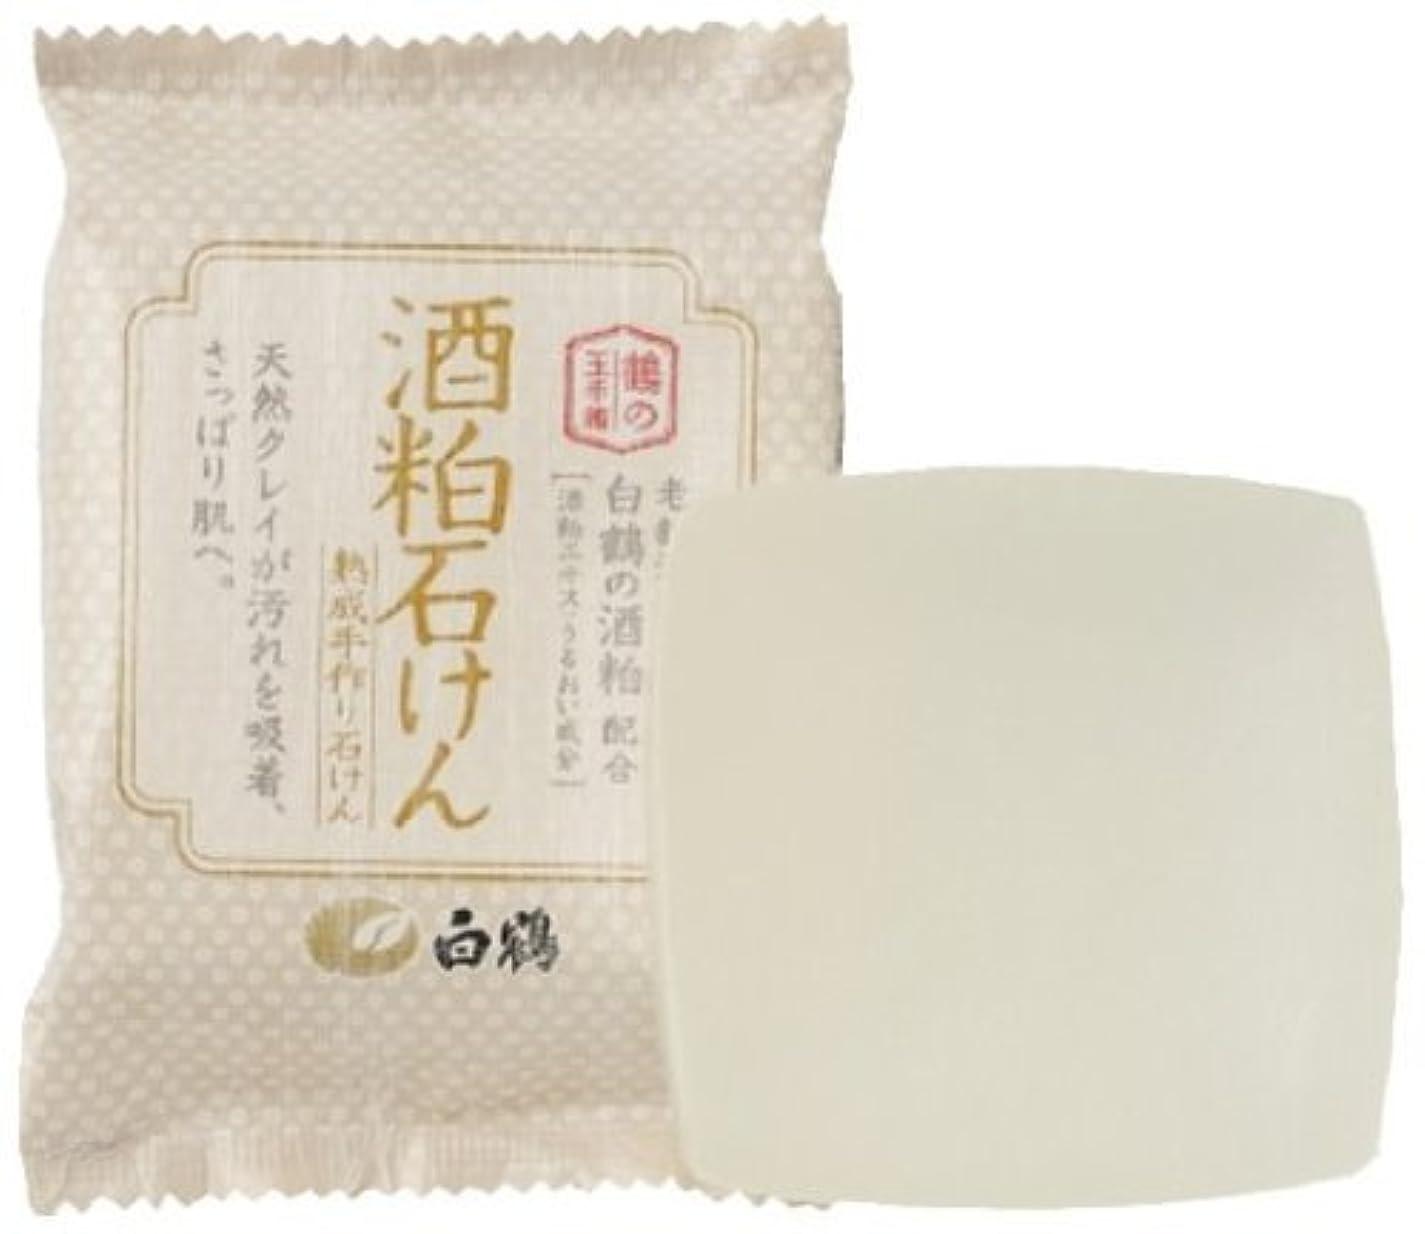 提供するもっと少なく純粋な白鶴 鶴の玉手箱 酒粕石けん 100g × 10個